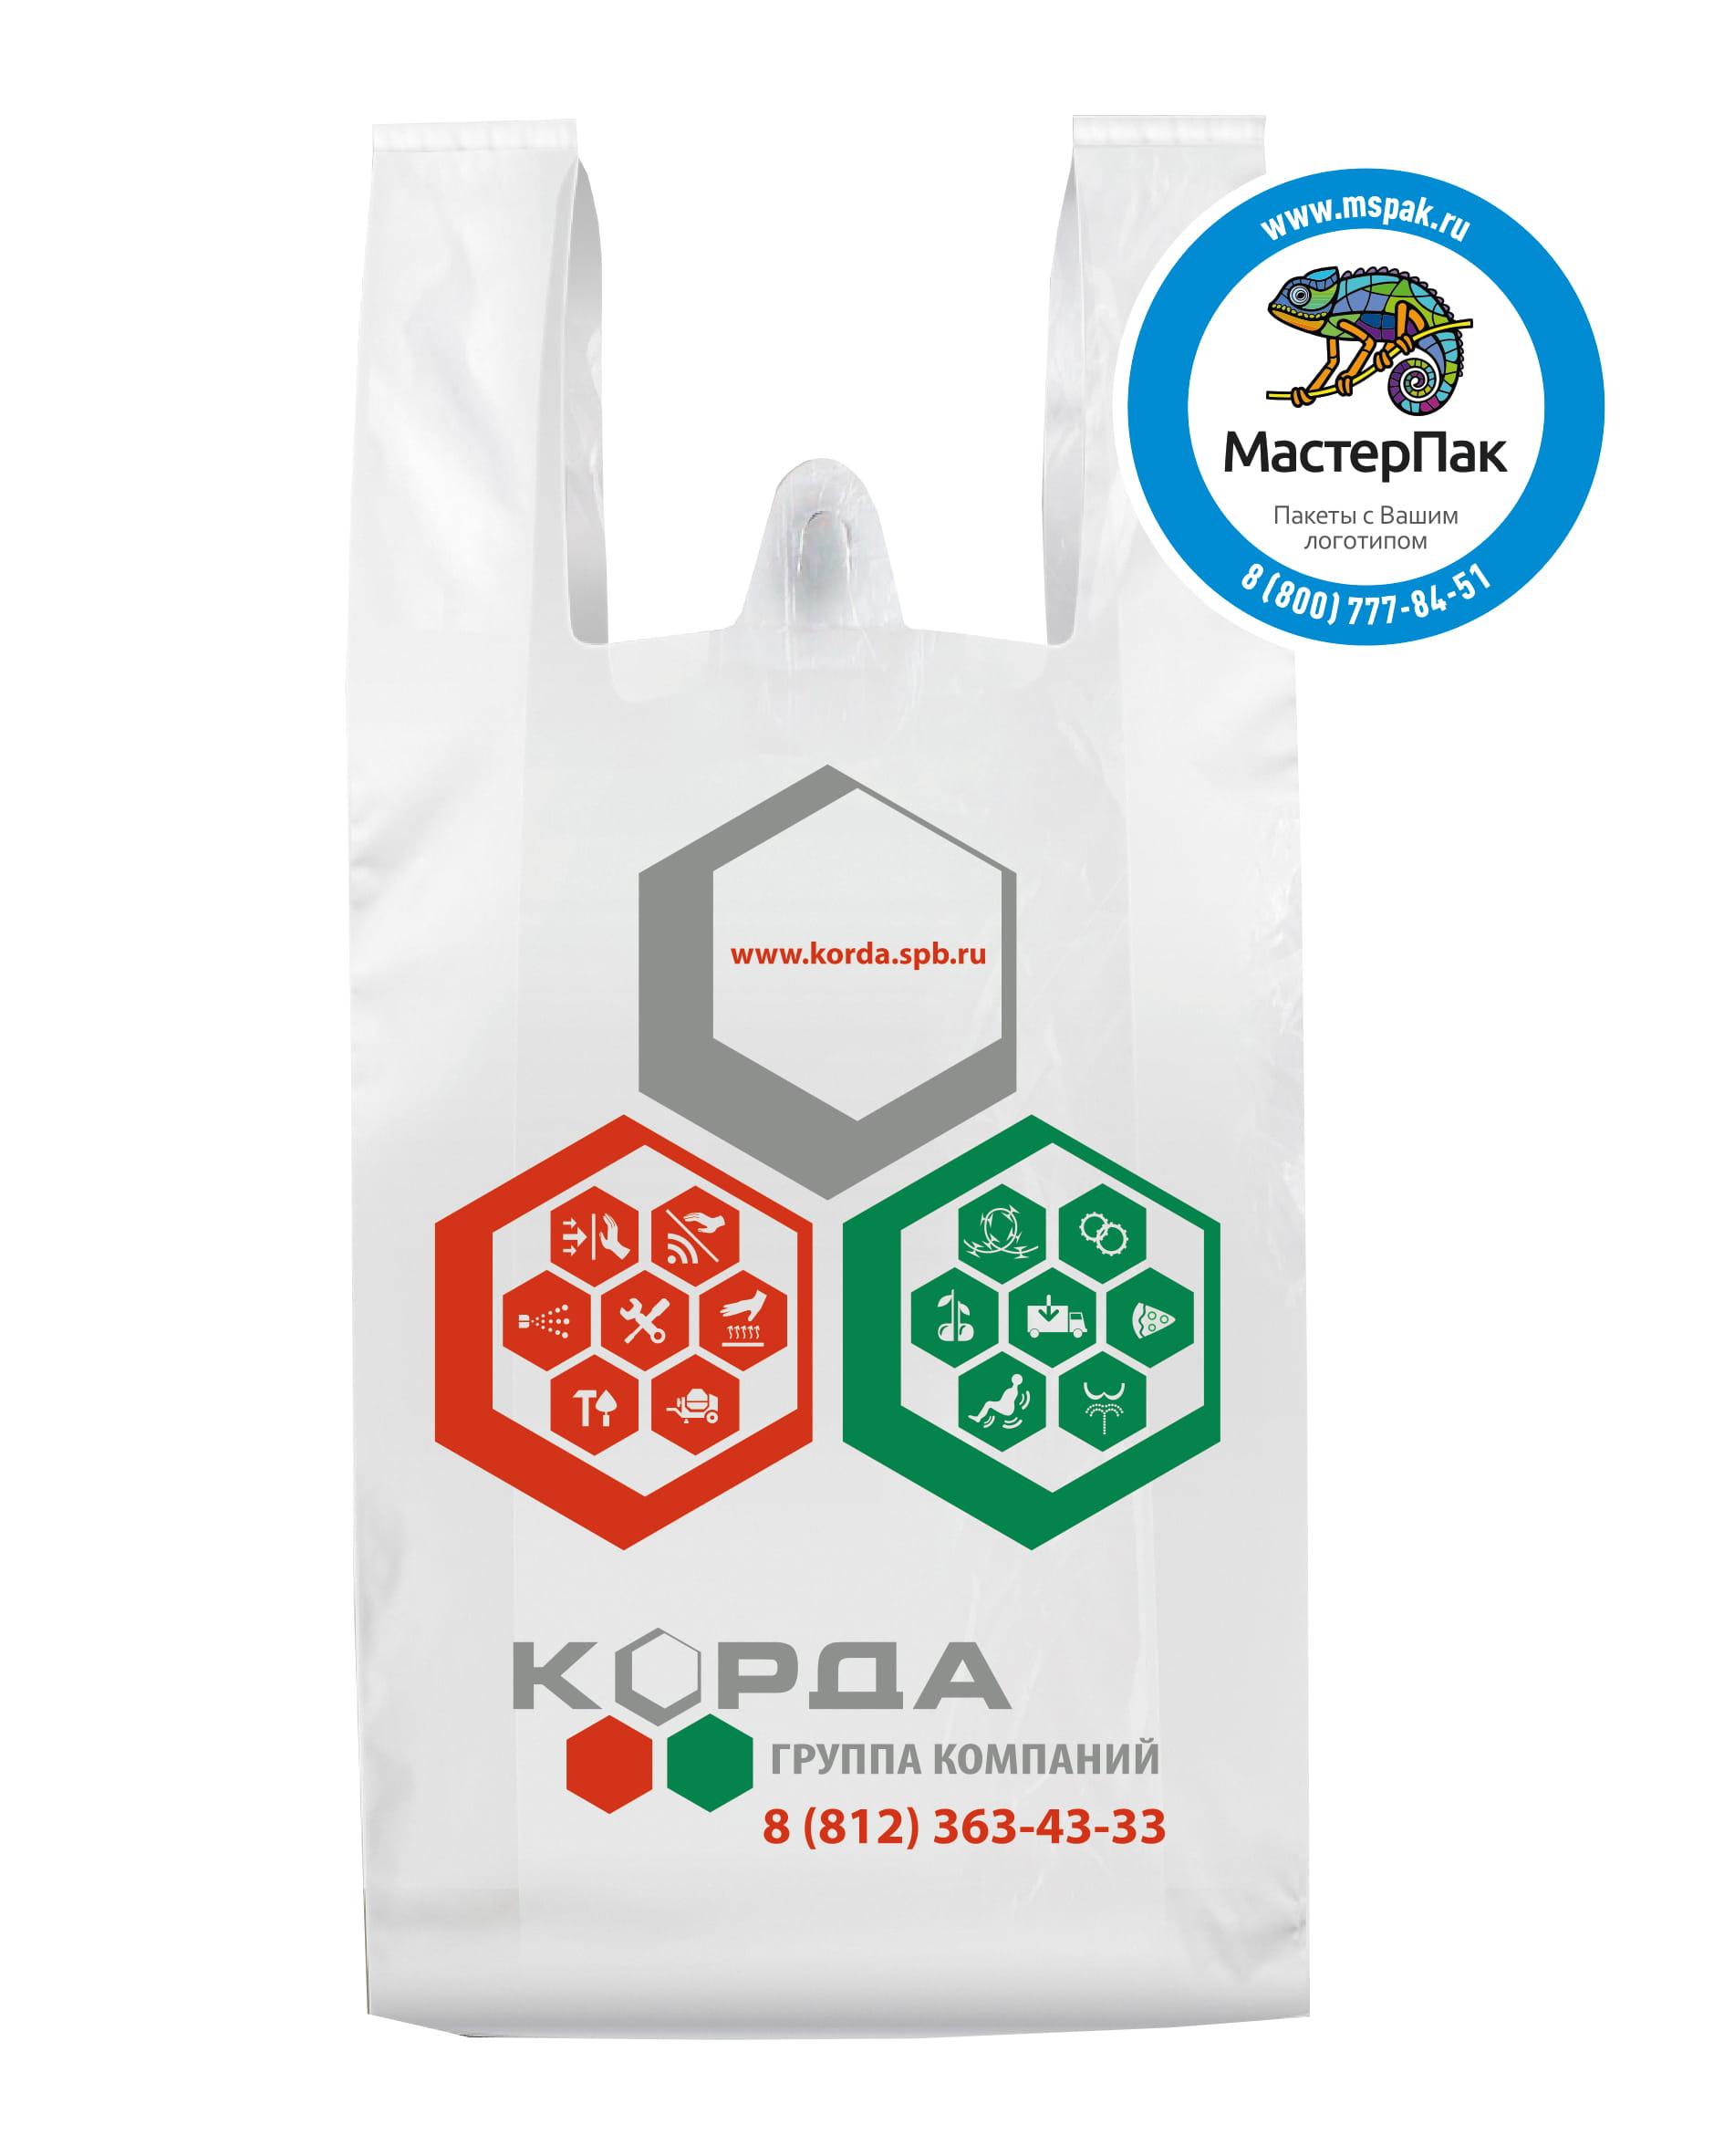 Пакет майка ПНД (шуршащий полиэтилен), 23 мкм размер 30+16*60 см, с логотипом в один цвет для магазина автомобильных запчастей «КОРДА»